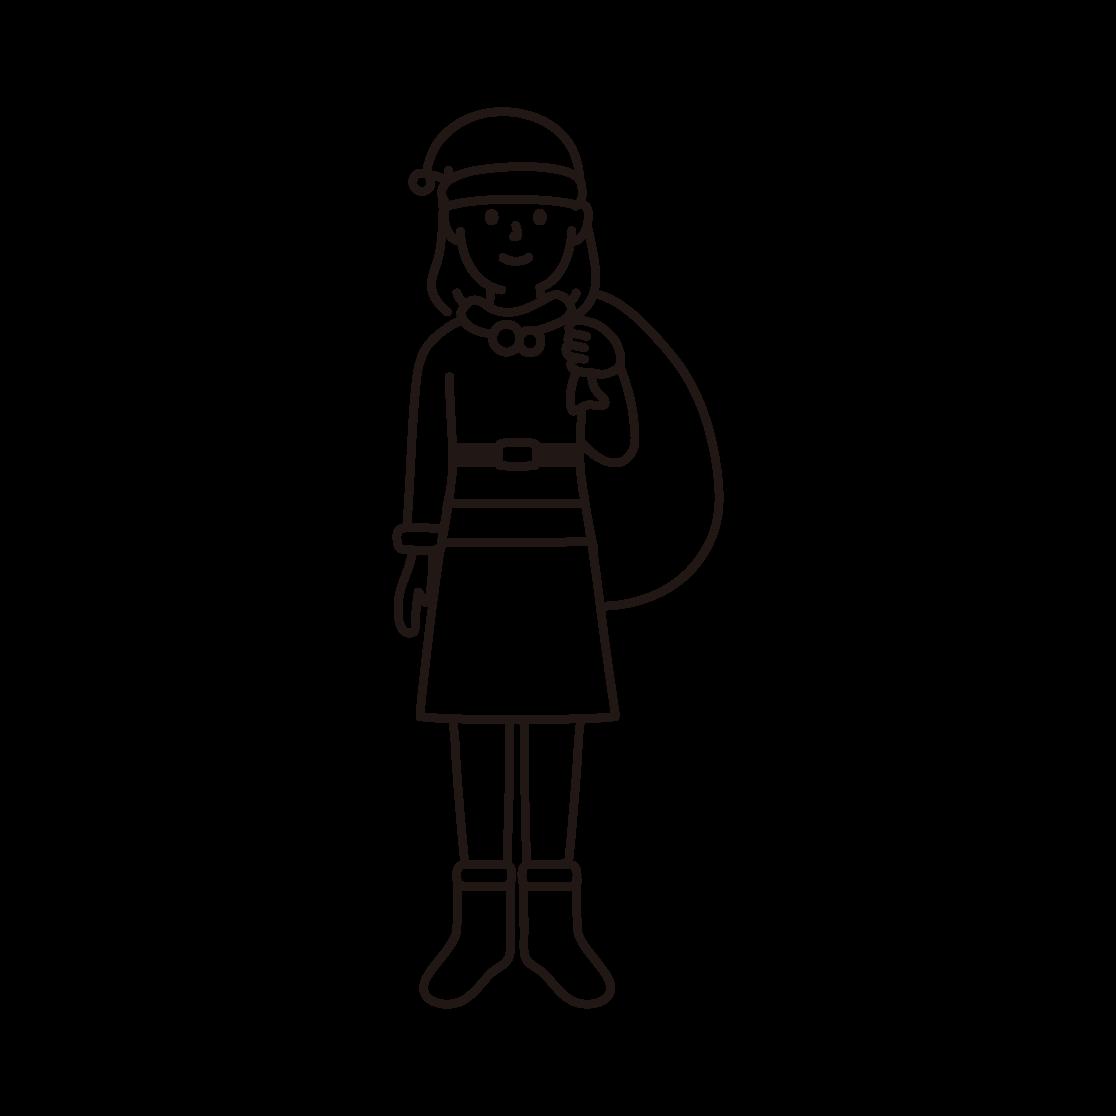 サンタクロース(女性)の線画イラスト